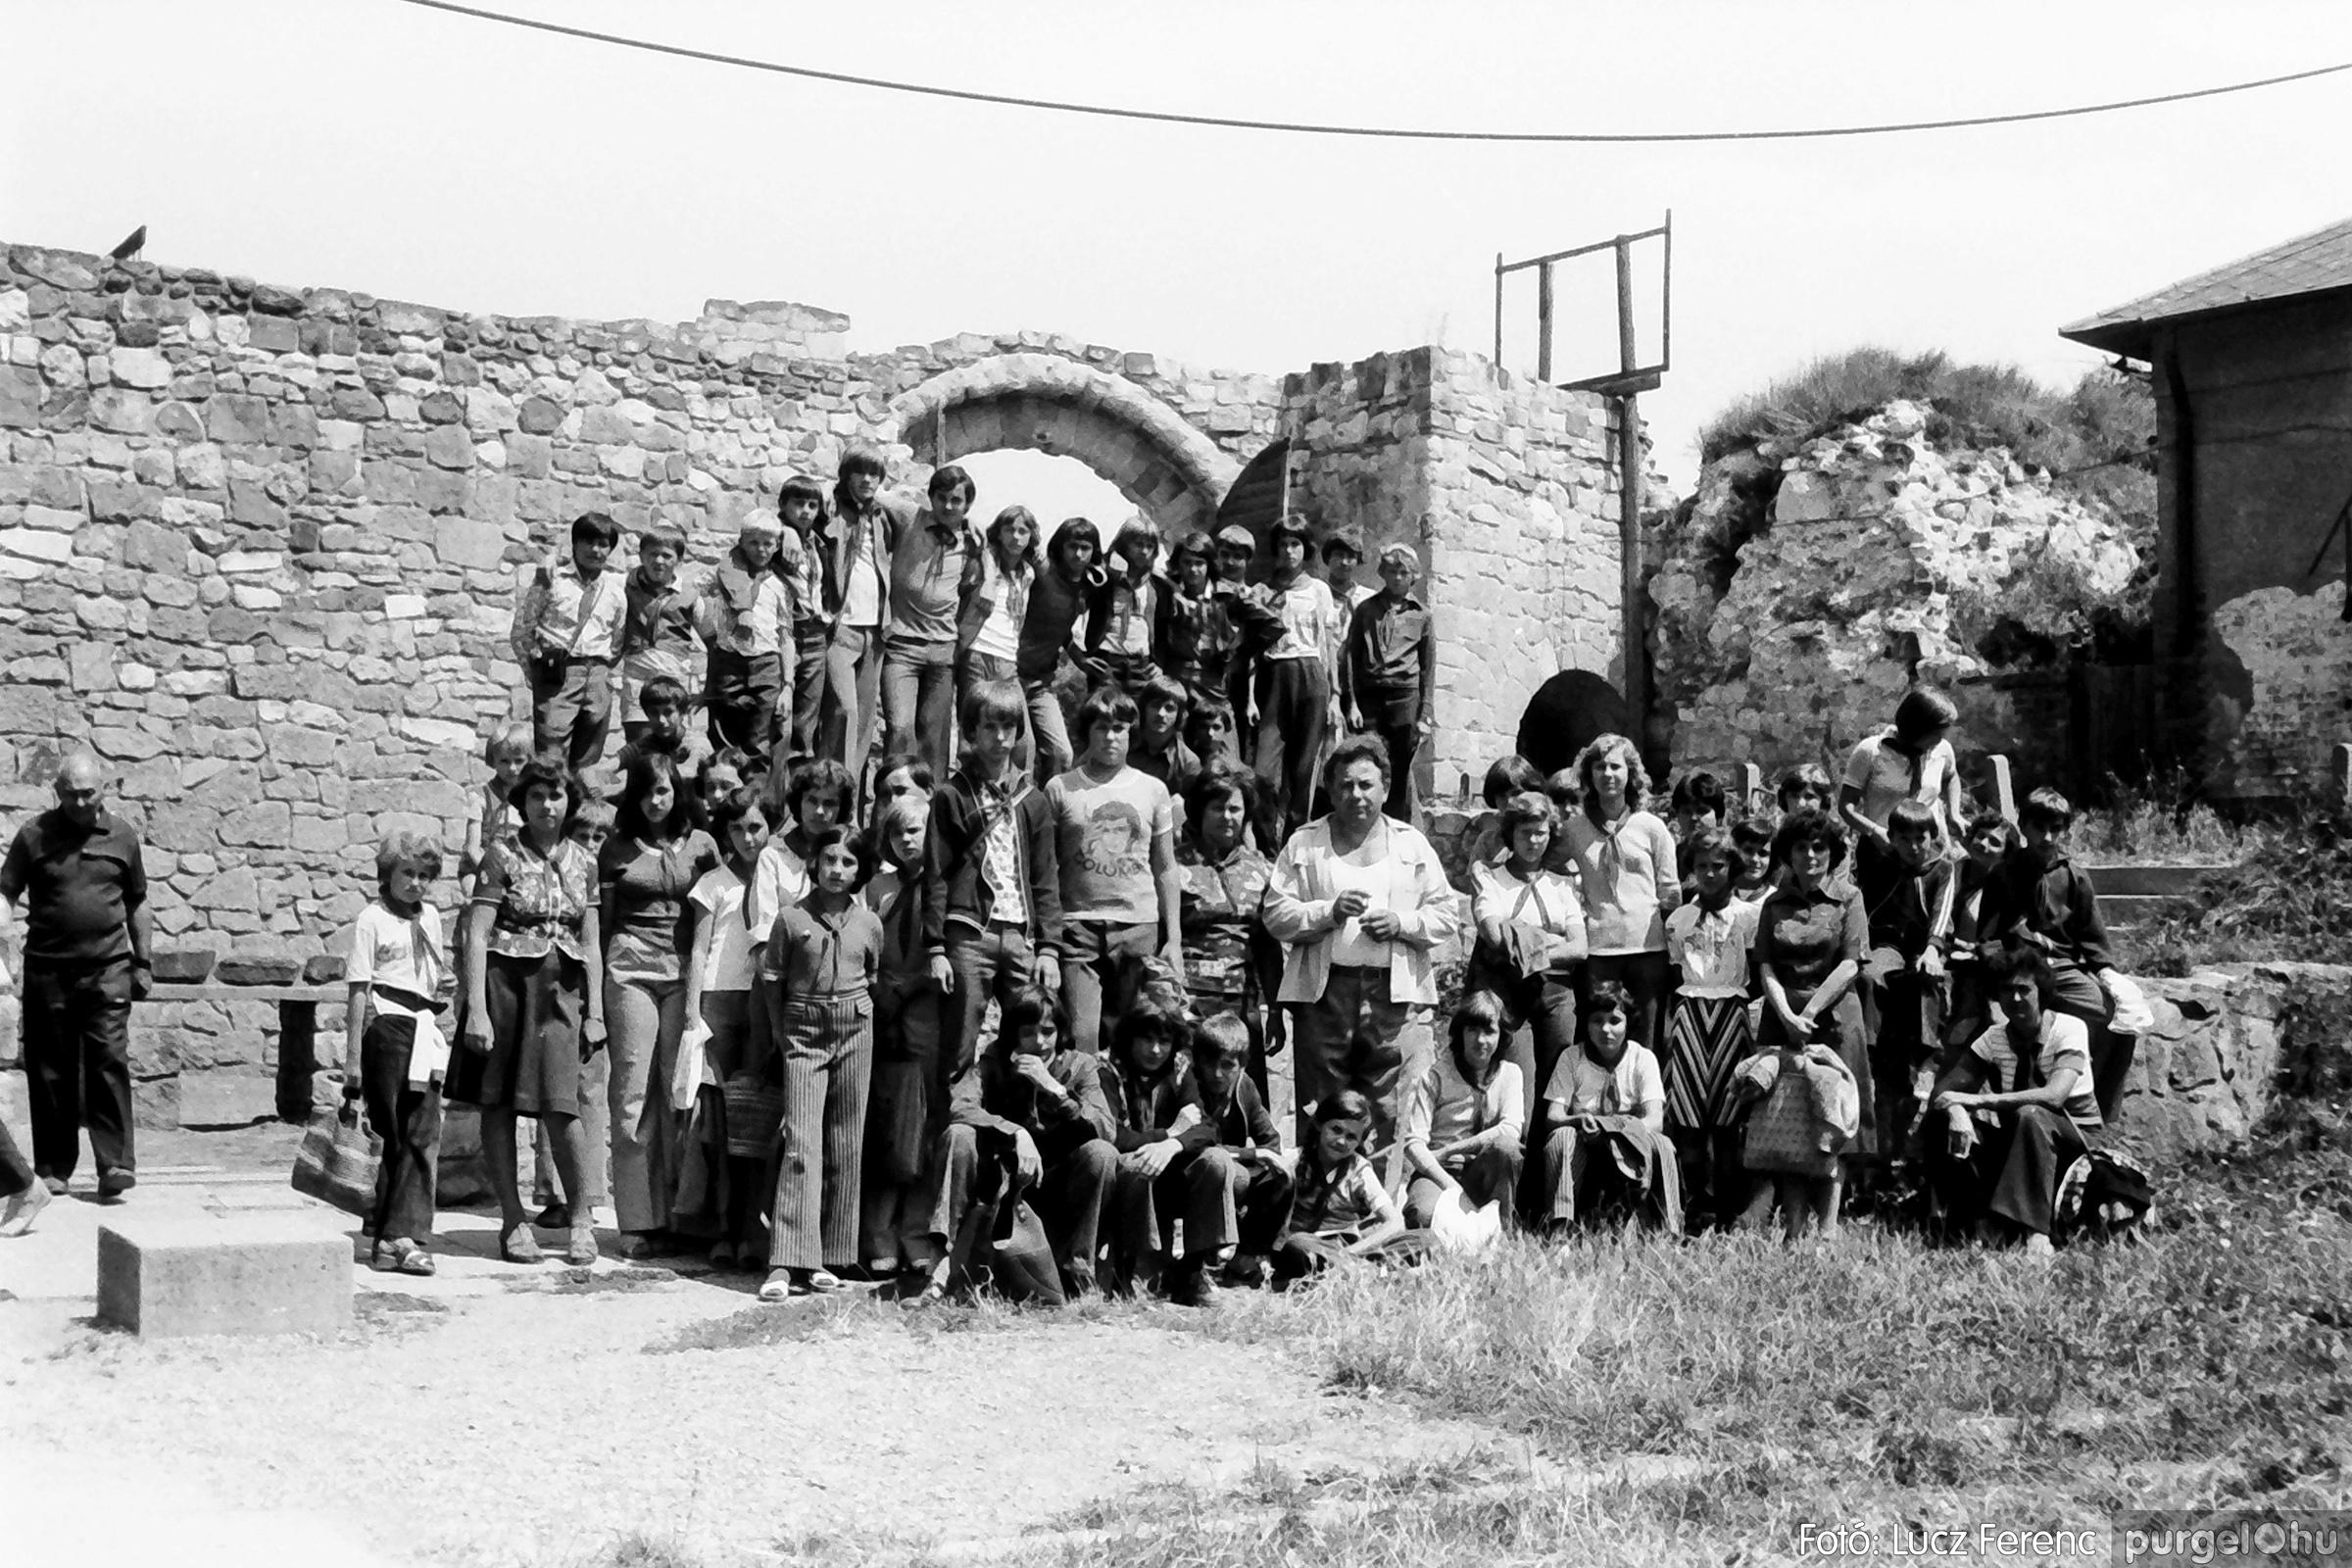 086, 088. 1977. Nyári tábor a Mátrában 027. - Fotó: Lucz Ferenc.jpg